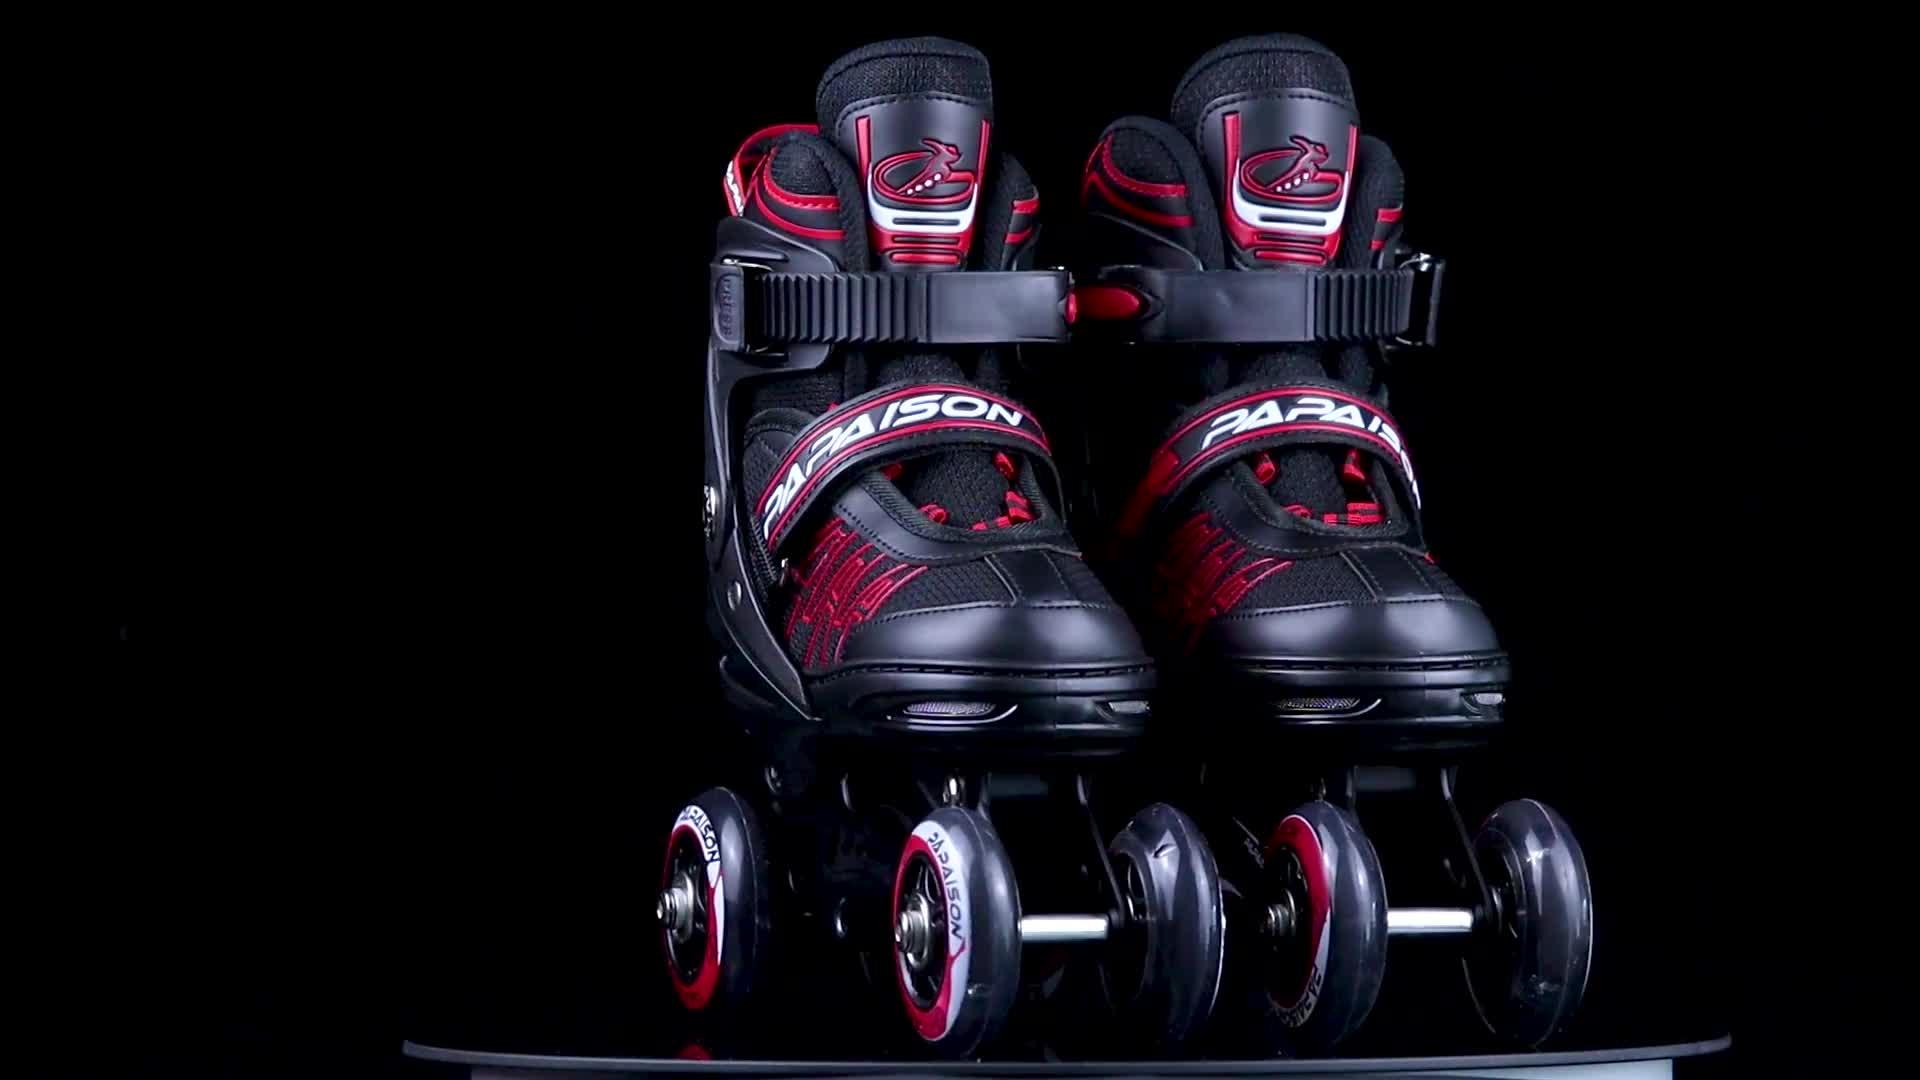 PAPAISON più popolari 4 ruote Inline regolabile pattini per i bambini scarpe da skate roller